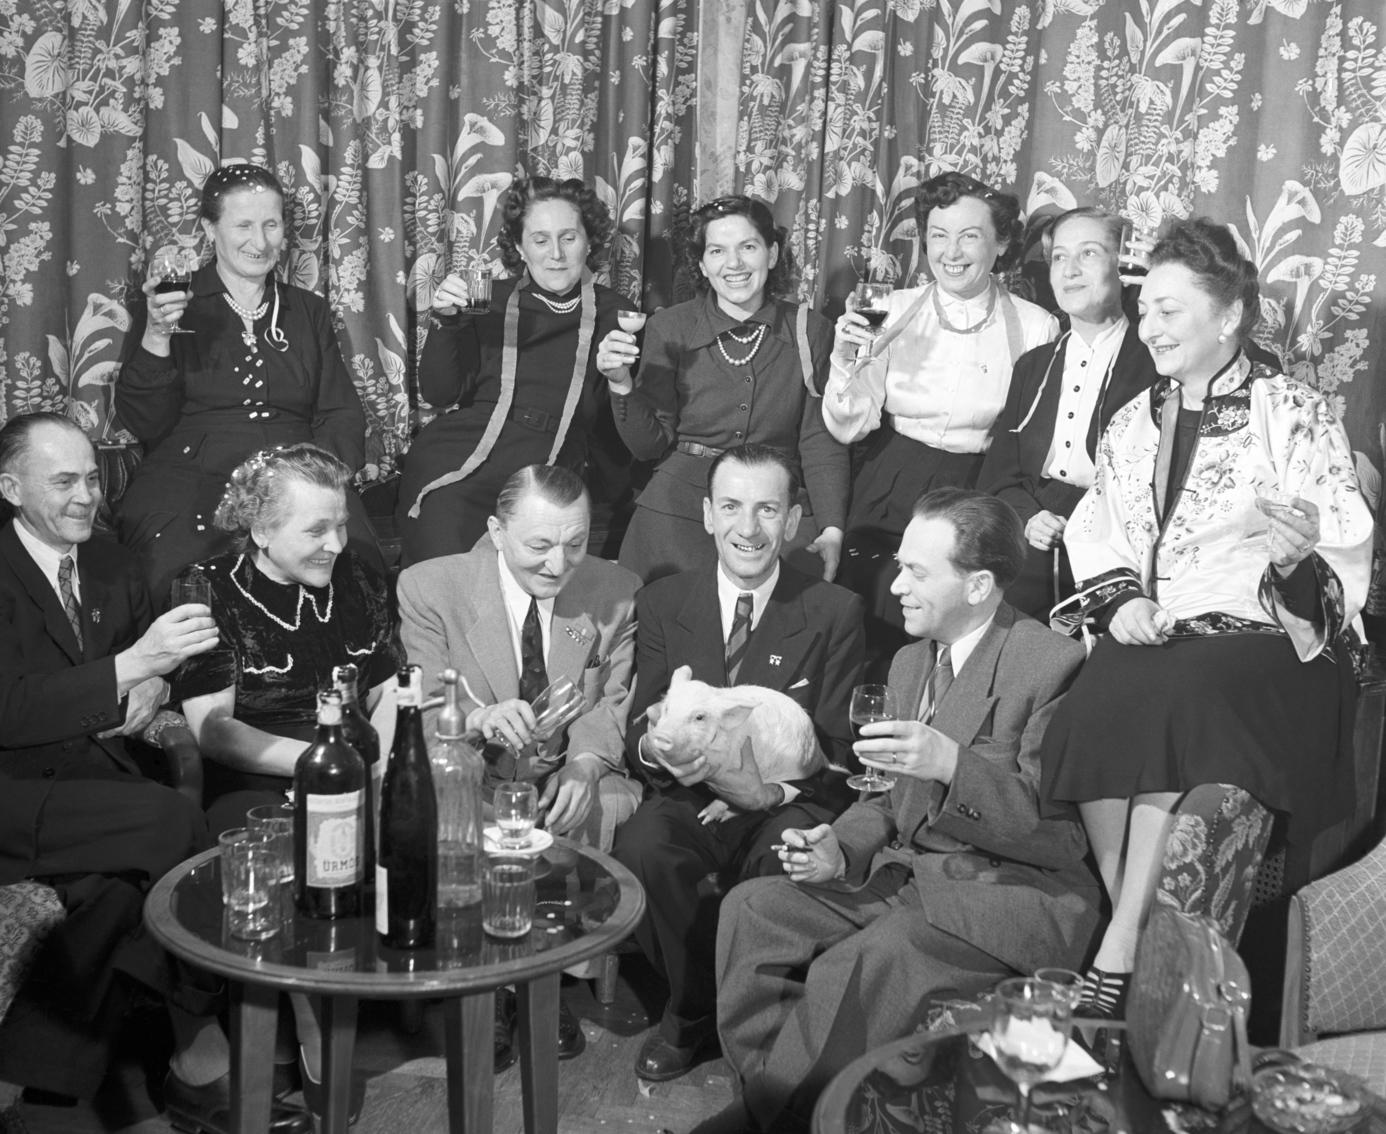 Galyatető, 1954. január 2. Rossz Károly (első sor b1), a XII/1 Épületüvegező Vállalat kétszeres sztahanovista üvegszabásza, Kónyai Kiss Albertné (első sor b2), Kónyai Kiss Albert (első sor k), a Vörös Csillag Nyomda háromszoros sztahanovista gépszedője, a Szocialista Munka Érdemérem tulajdonosa, Krinyák Géza (első sor j2), a Faipari Szerszámkészítő Vállalat kétszeres sztahanovista gépmunkása (malaccal a kezében), Földes Iván (első sor j1), a Földművelésügyi Minisztérium osztályvezetője, a Népköztársasági Érdemérem ezüst fokozatának tulajdonosa, Kasztl Árpádné (hátsó sor j3), a Május 1. Ruhagyár sztahanovista dolgozója és Marton Istvánné (hátsó sor j1), a Papíripari Kutatóintézet munkaérdemrendes vegyésze nagy társaságban szilvesztereznek a galyatetői SZOT üdülőben. MTI Fotó/Magyar Fotó: Járai Rudolf